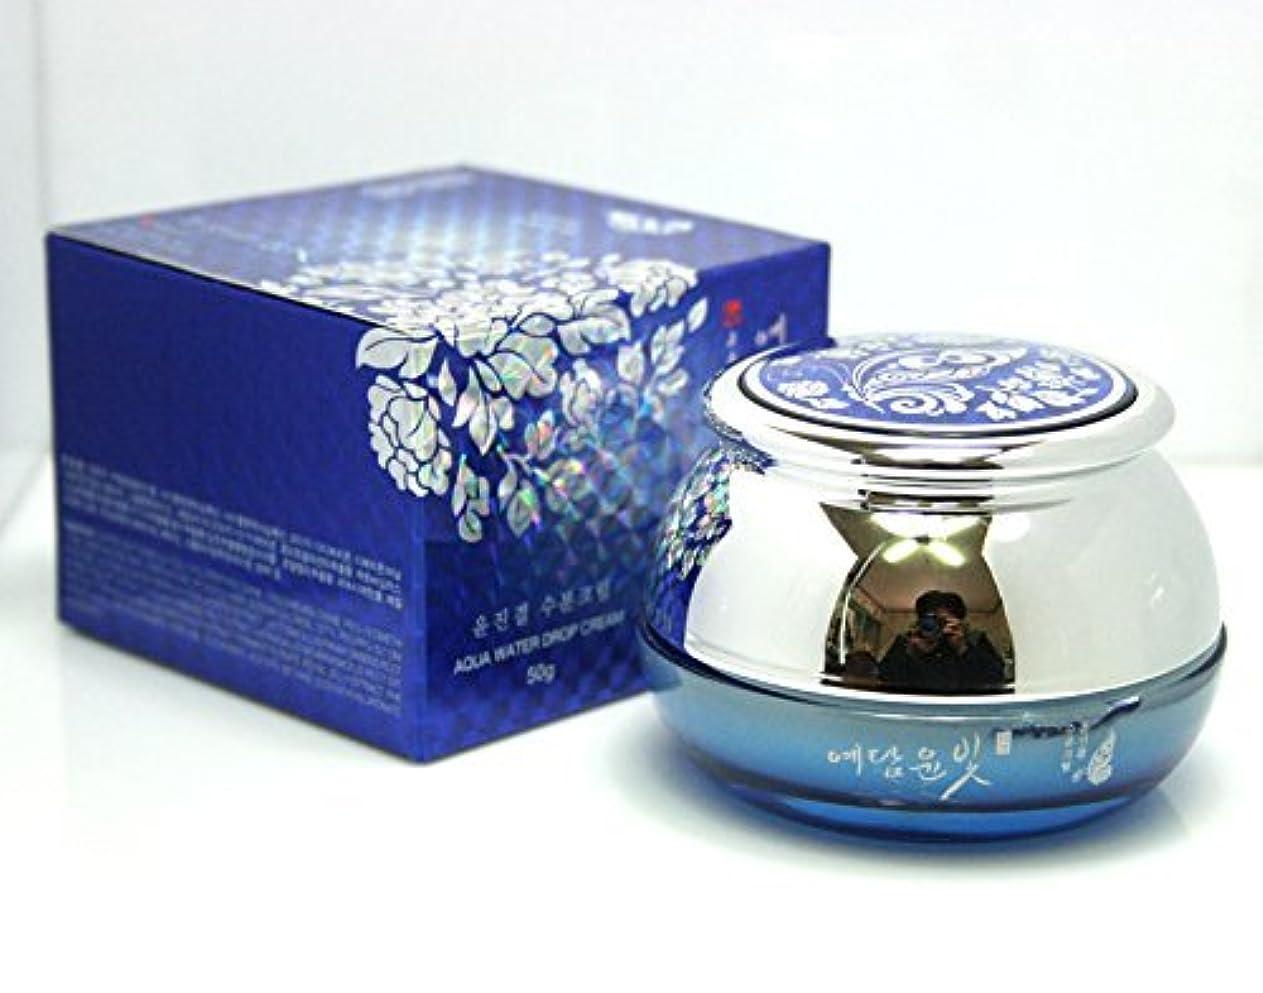 スパイ枢機卿せがむ[YEDAM YUN BIT] Yunjin Gyeolアクアウォータードロップクリーム50g / オリエンタルハーブ / 韓国化粧品 / Yunjin Gyeol Aqua Water Drop Cream 50g /...